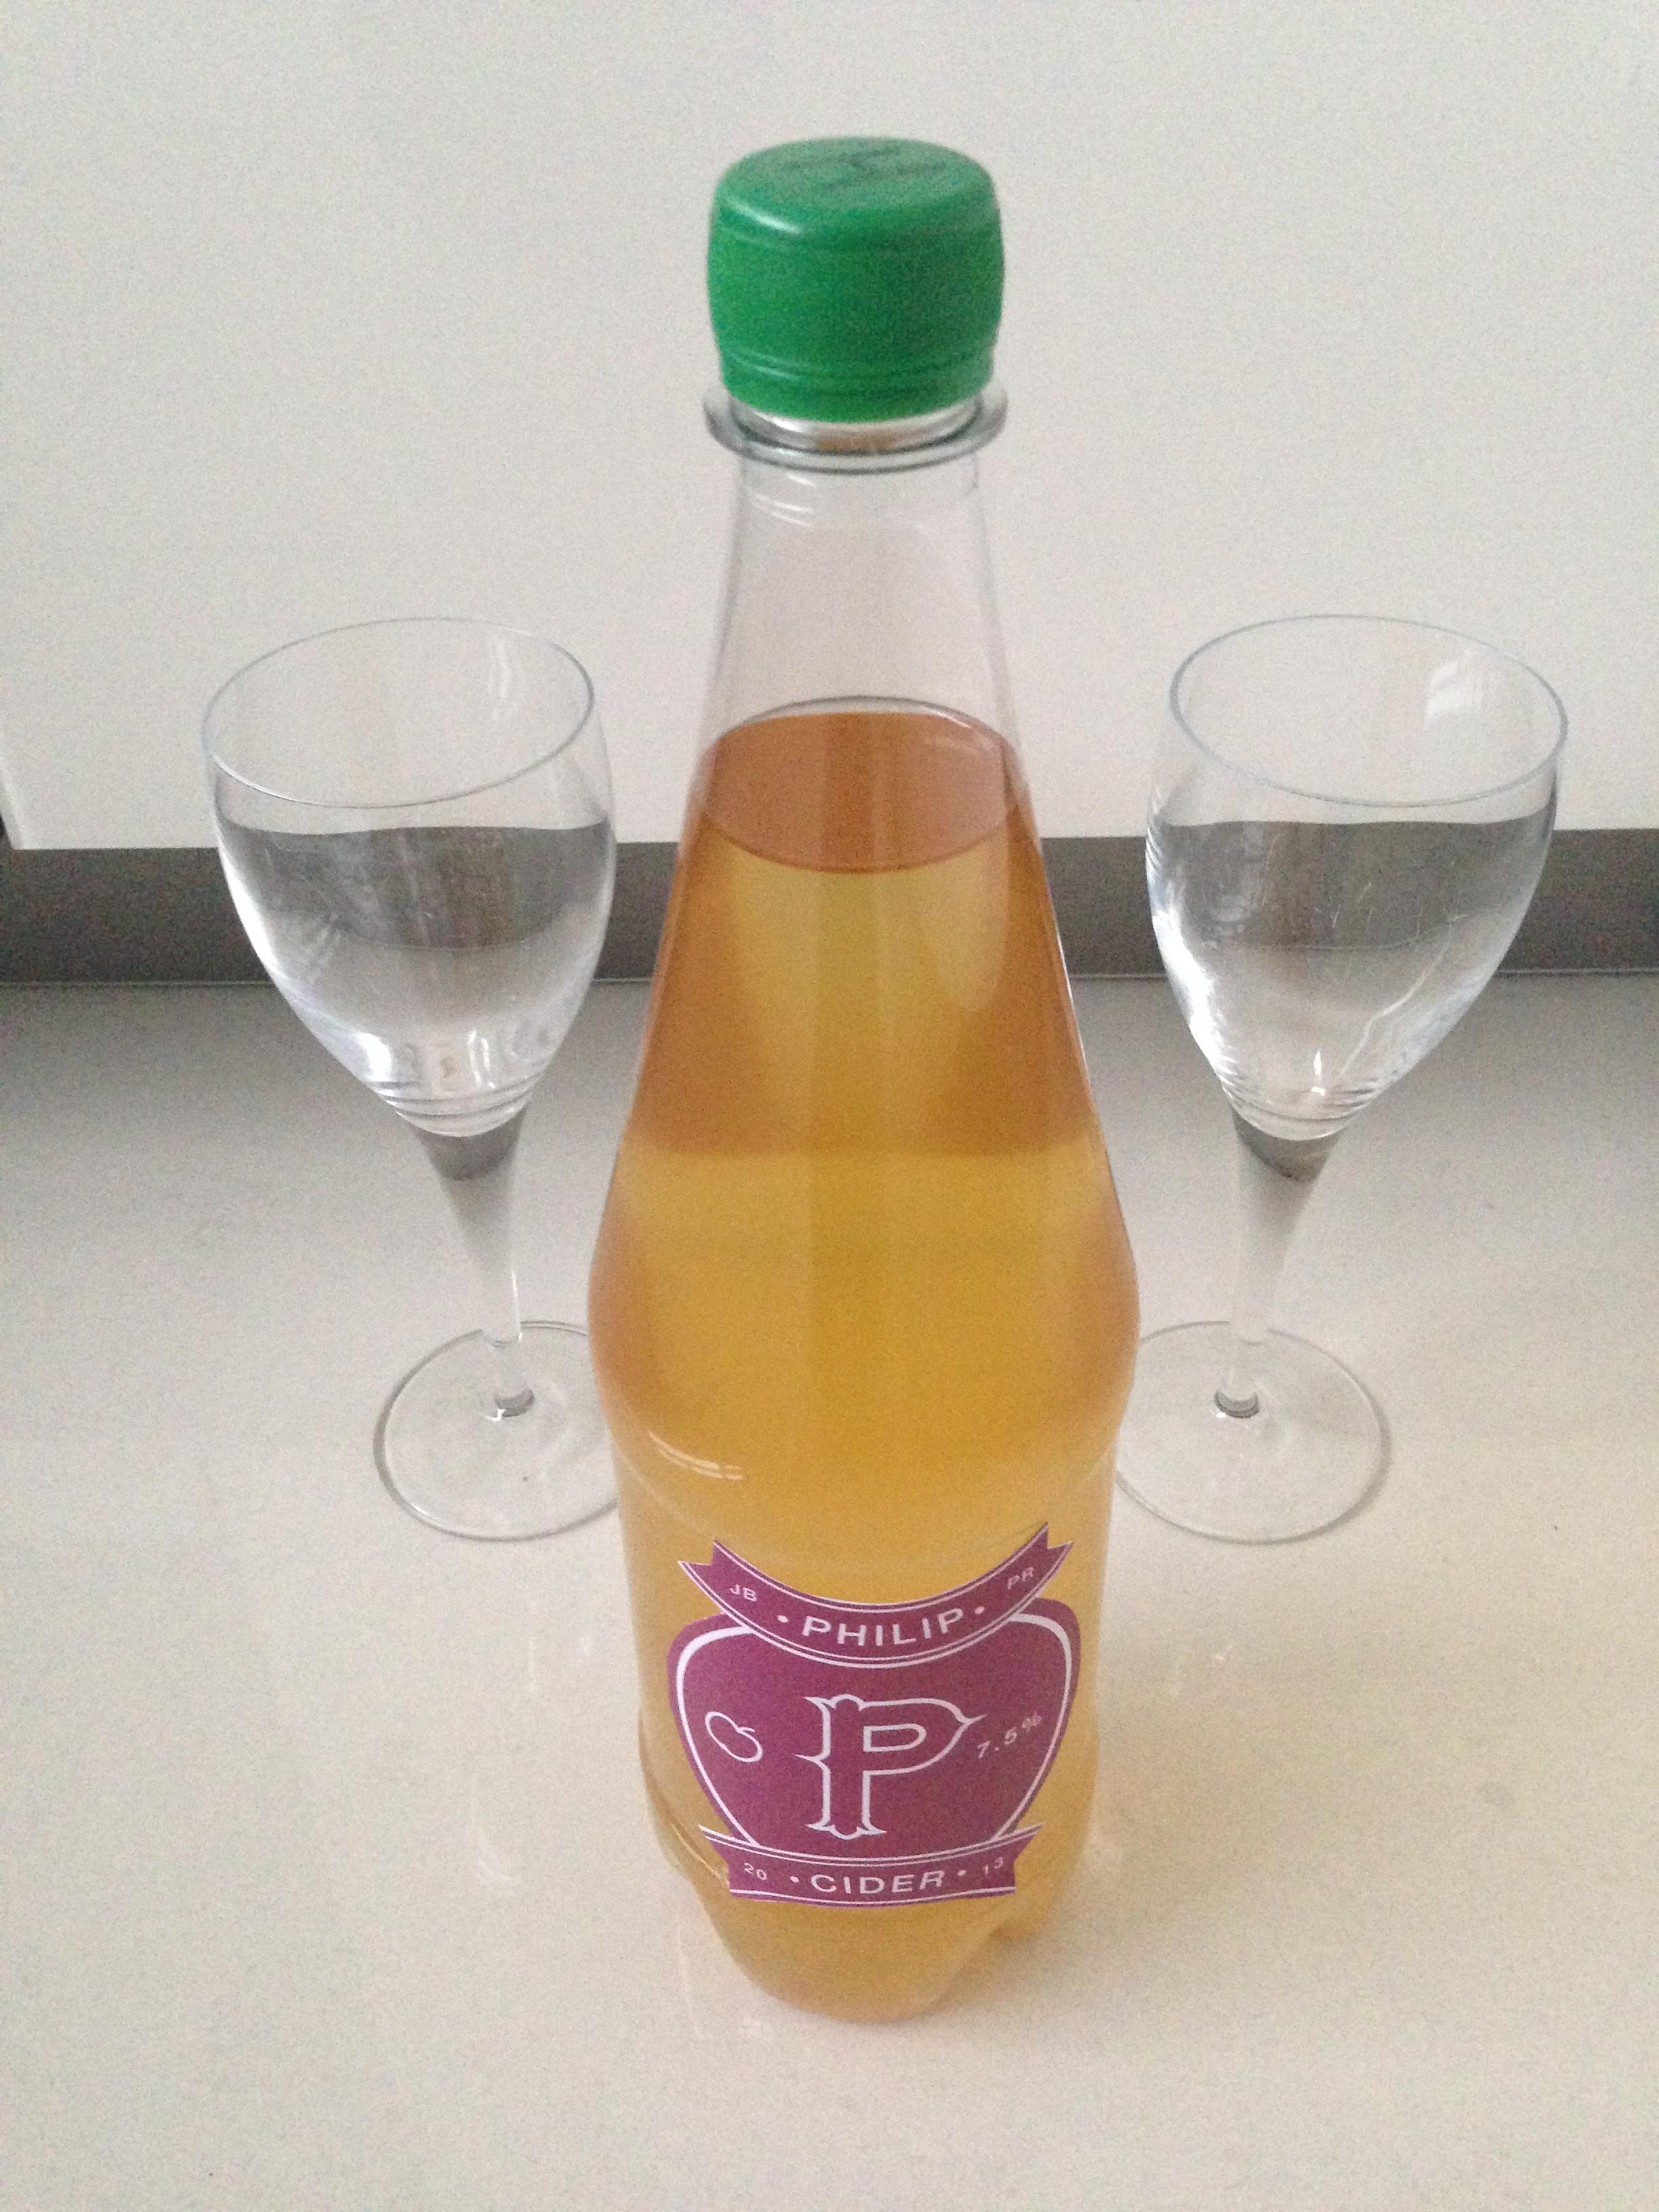 How to make homemade Cider